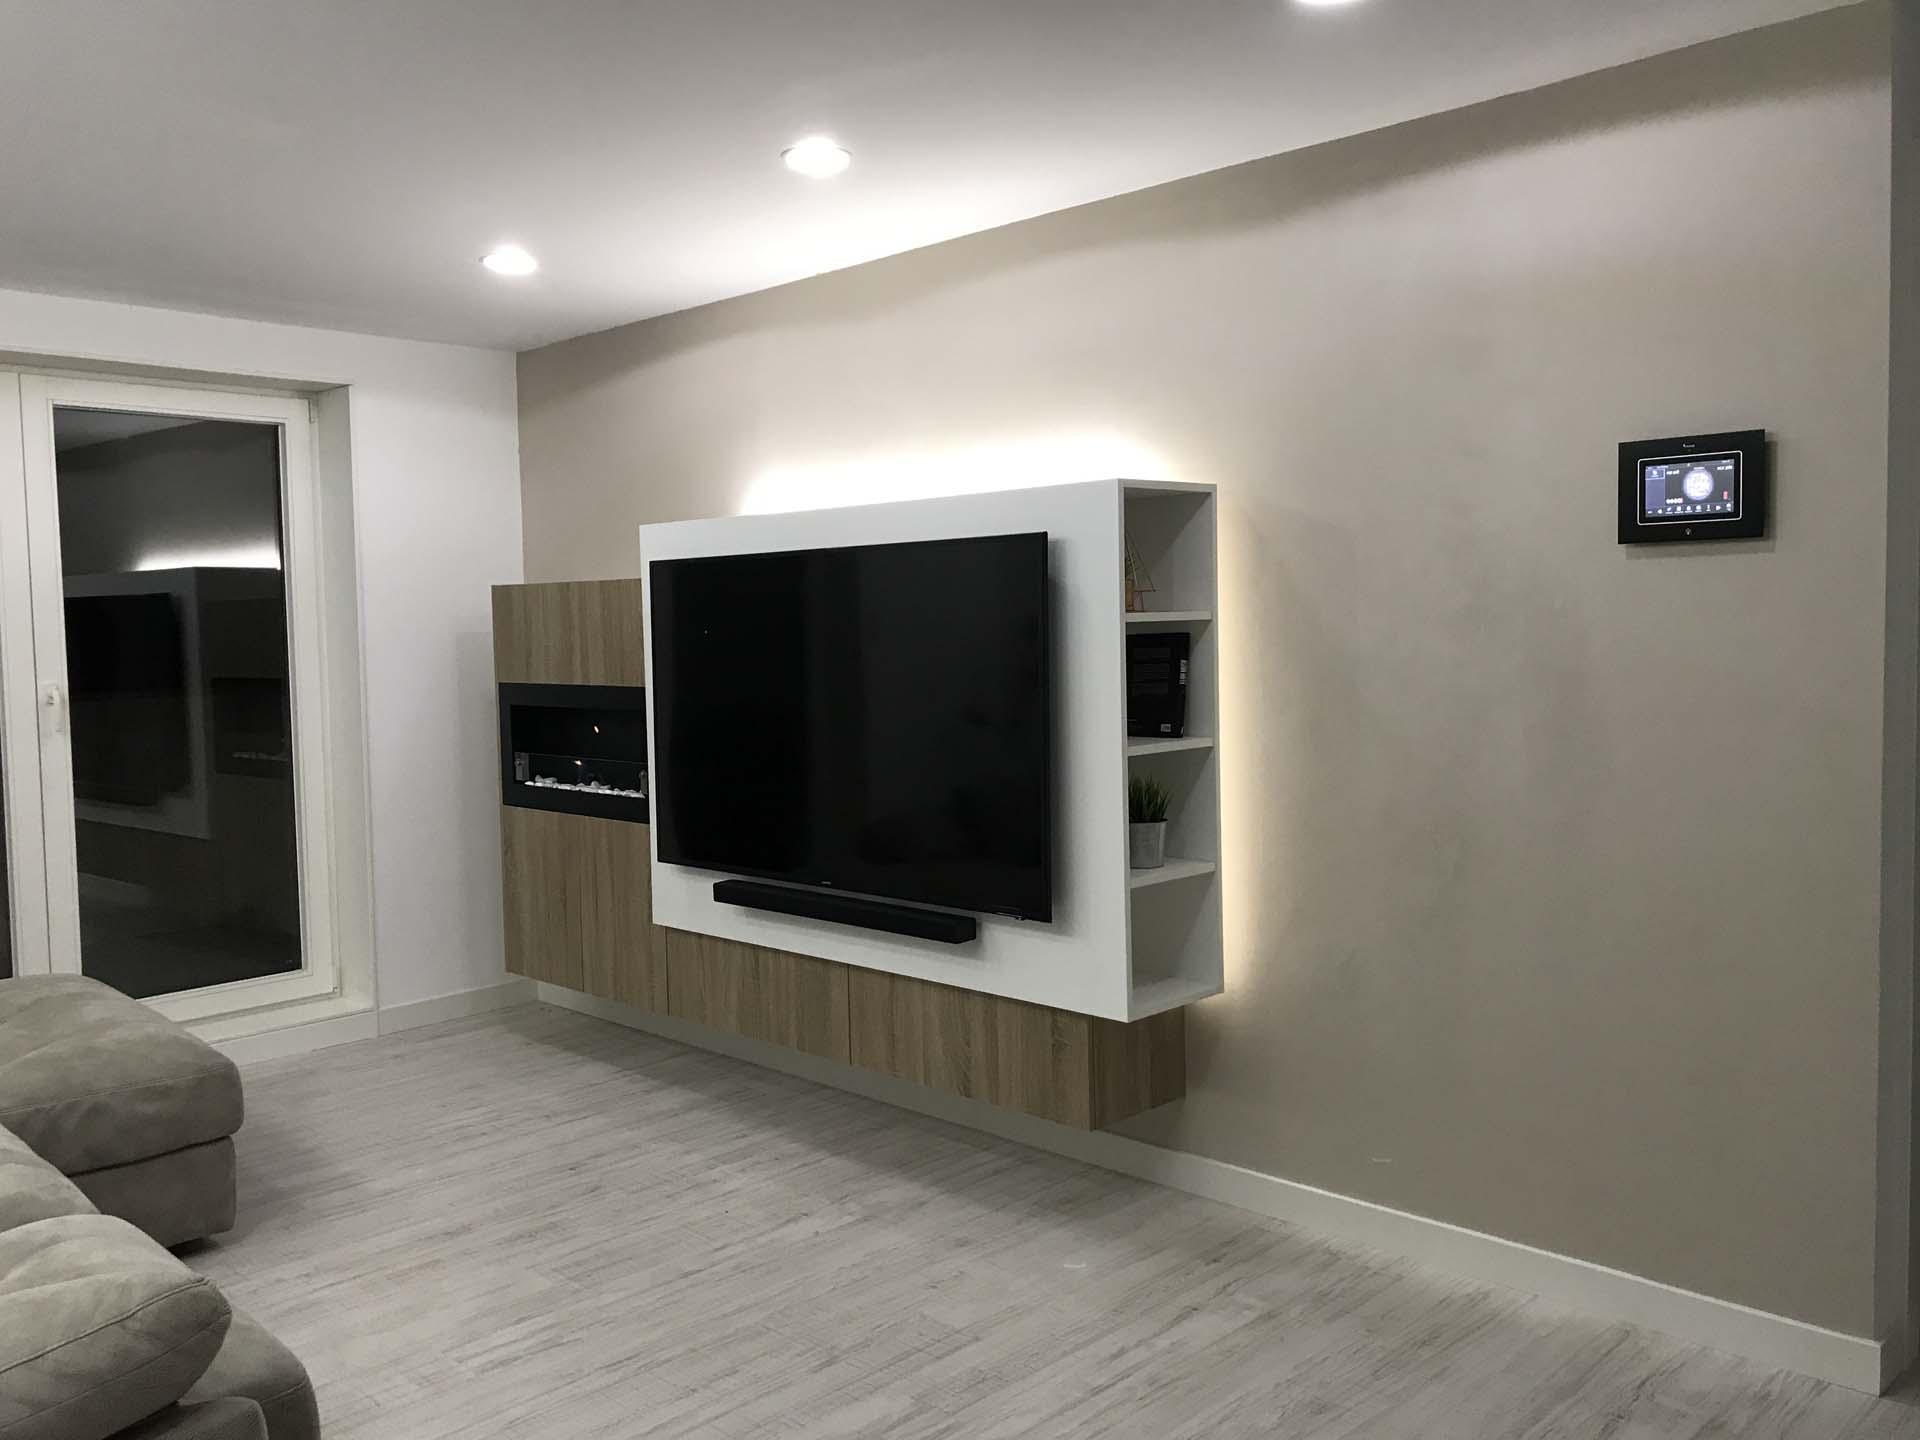 arnit salon led chimenea tv